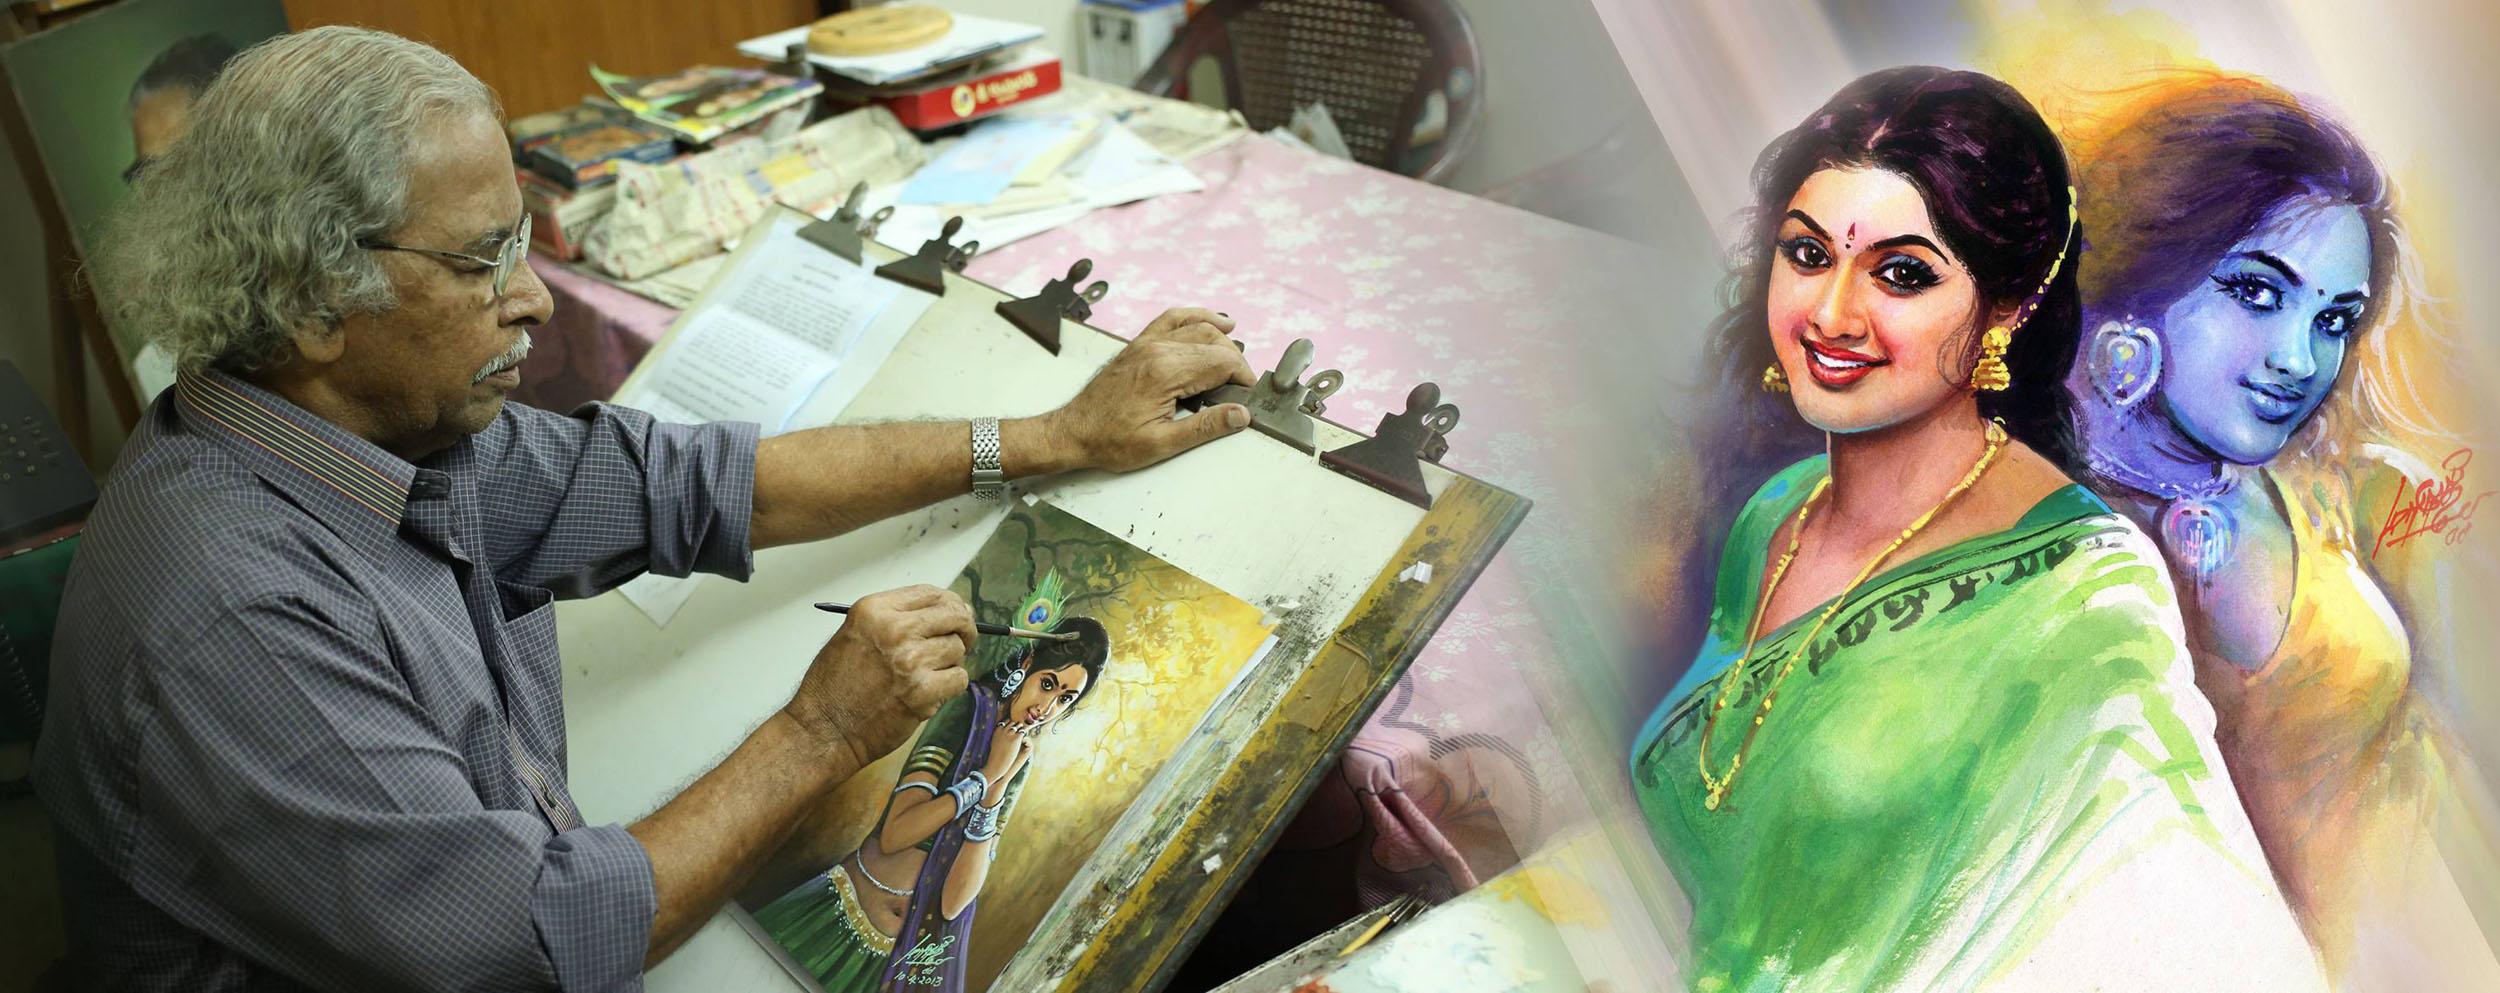 painting tamil nadu artist maruthi